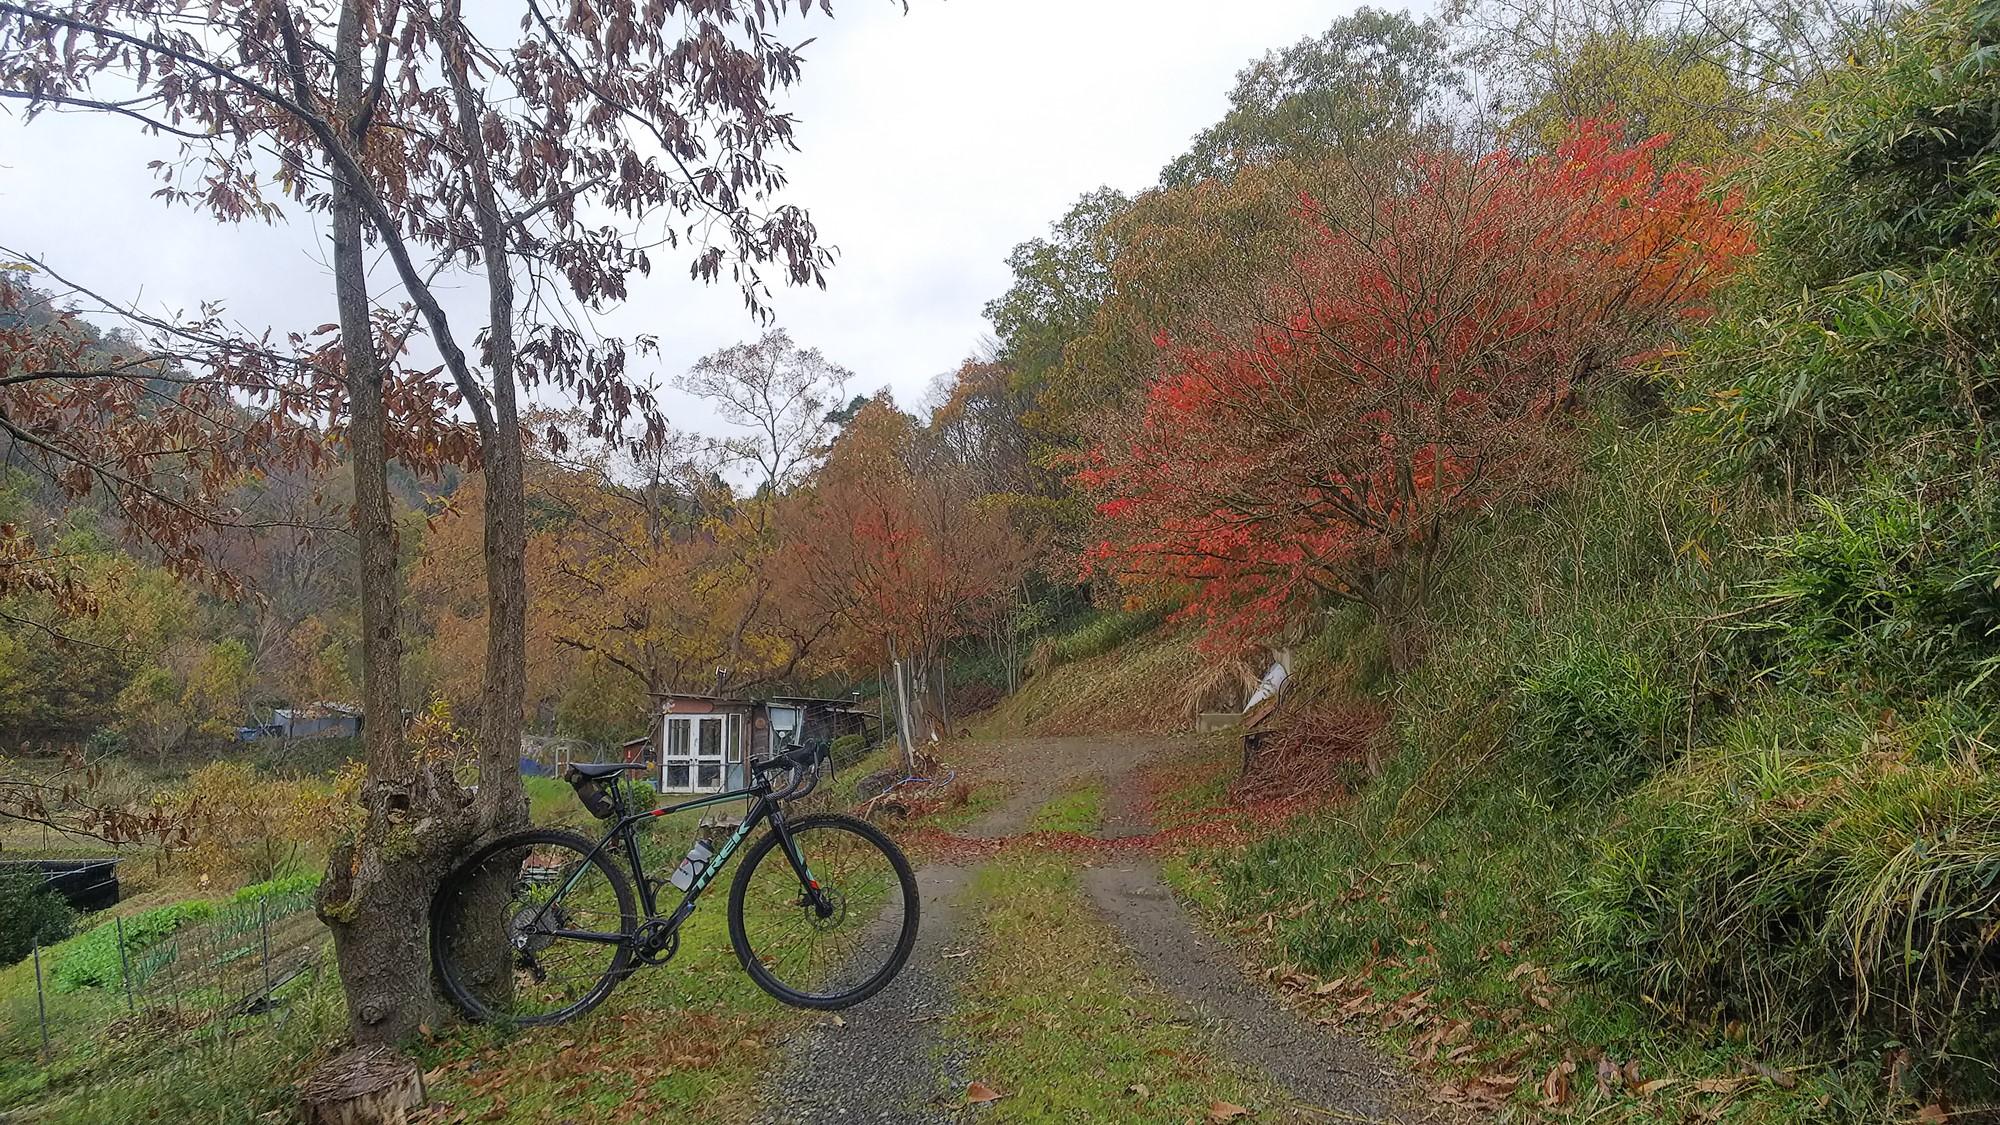 Autumn in SATOYAMA  ~秋の里山、北摂グラベルライド~